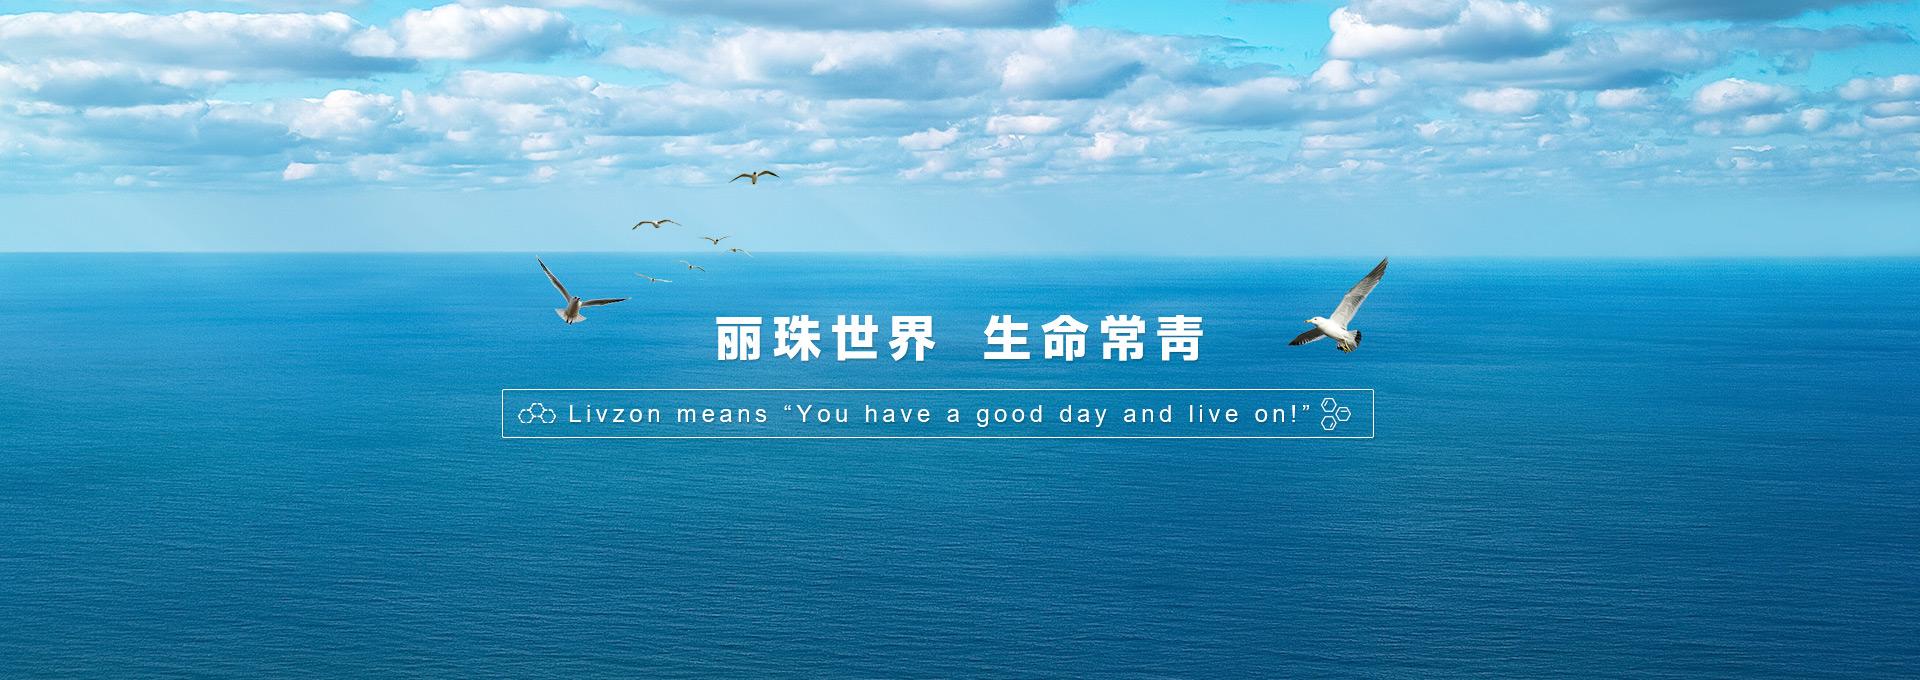 海(hai)2